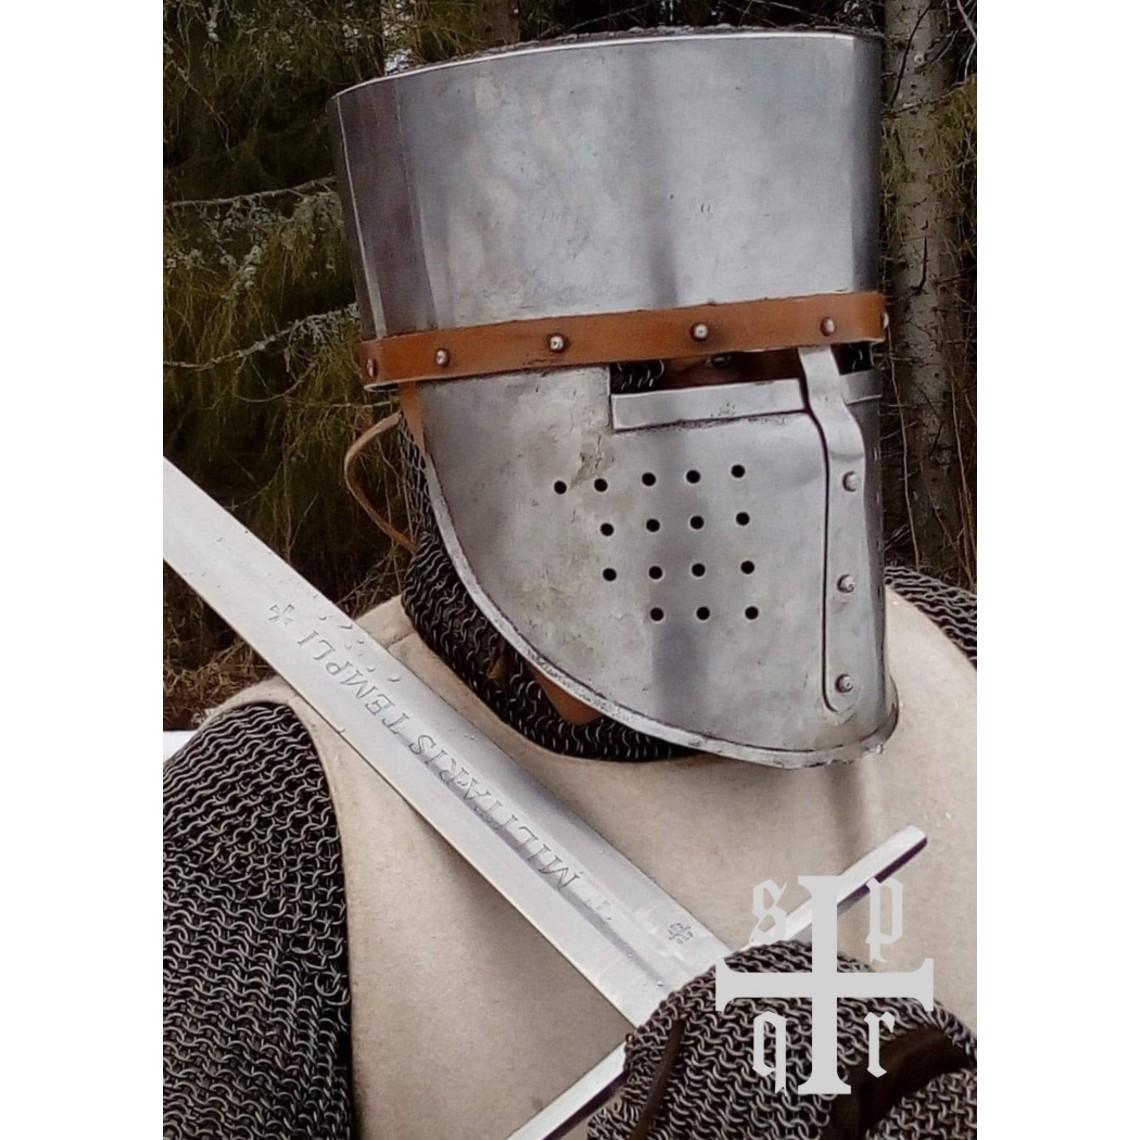 SPQR Épée des Templiers Milites Templi, prête au combat